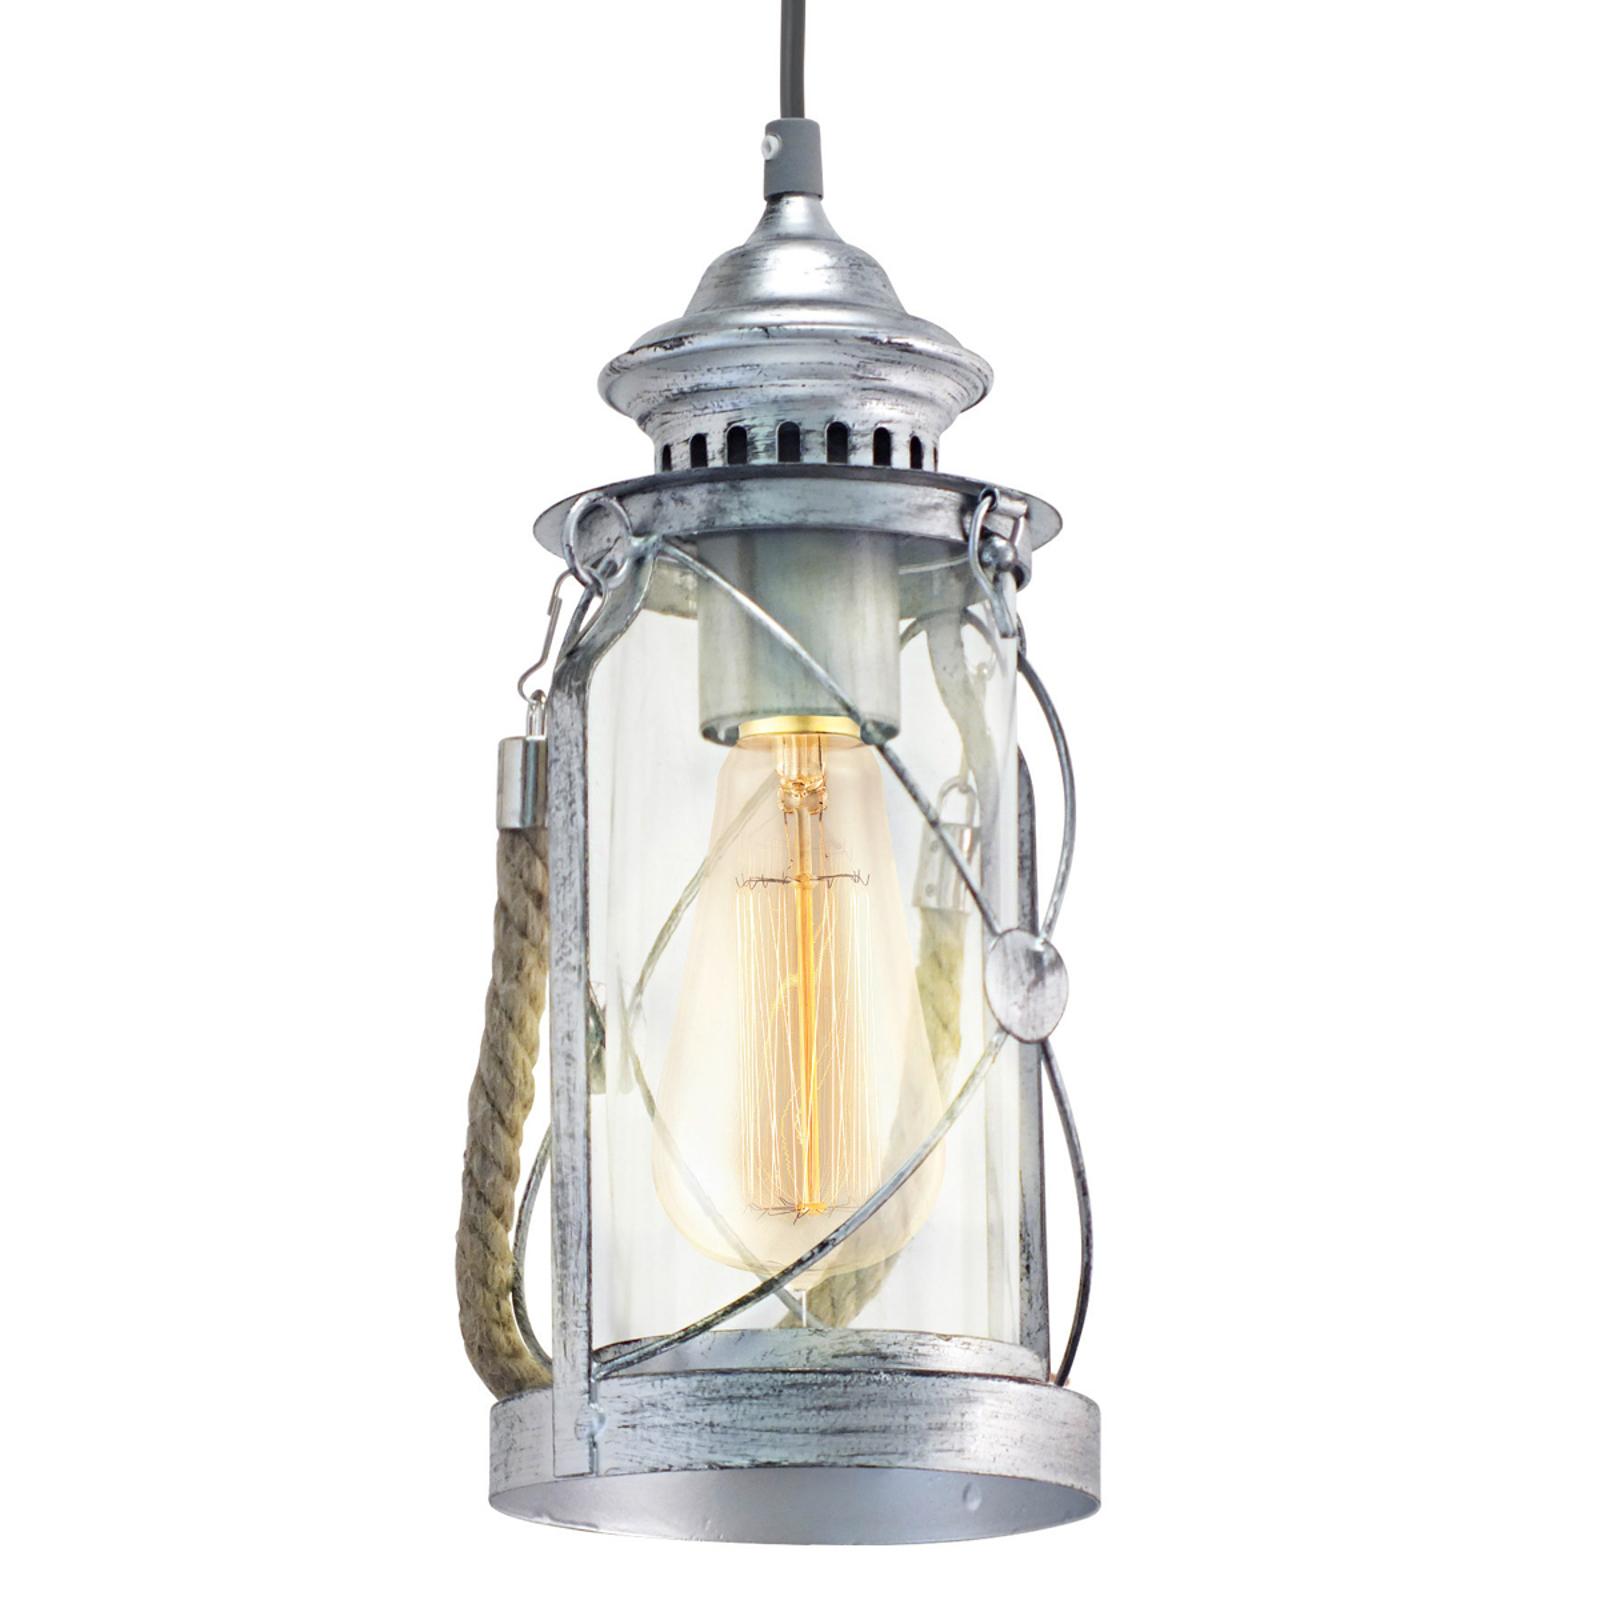 Antikt designet pendellampe Fedor, sølv